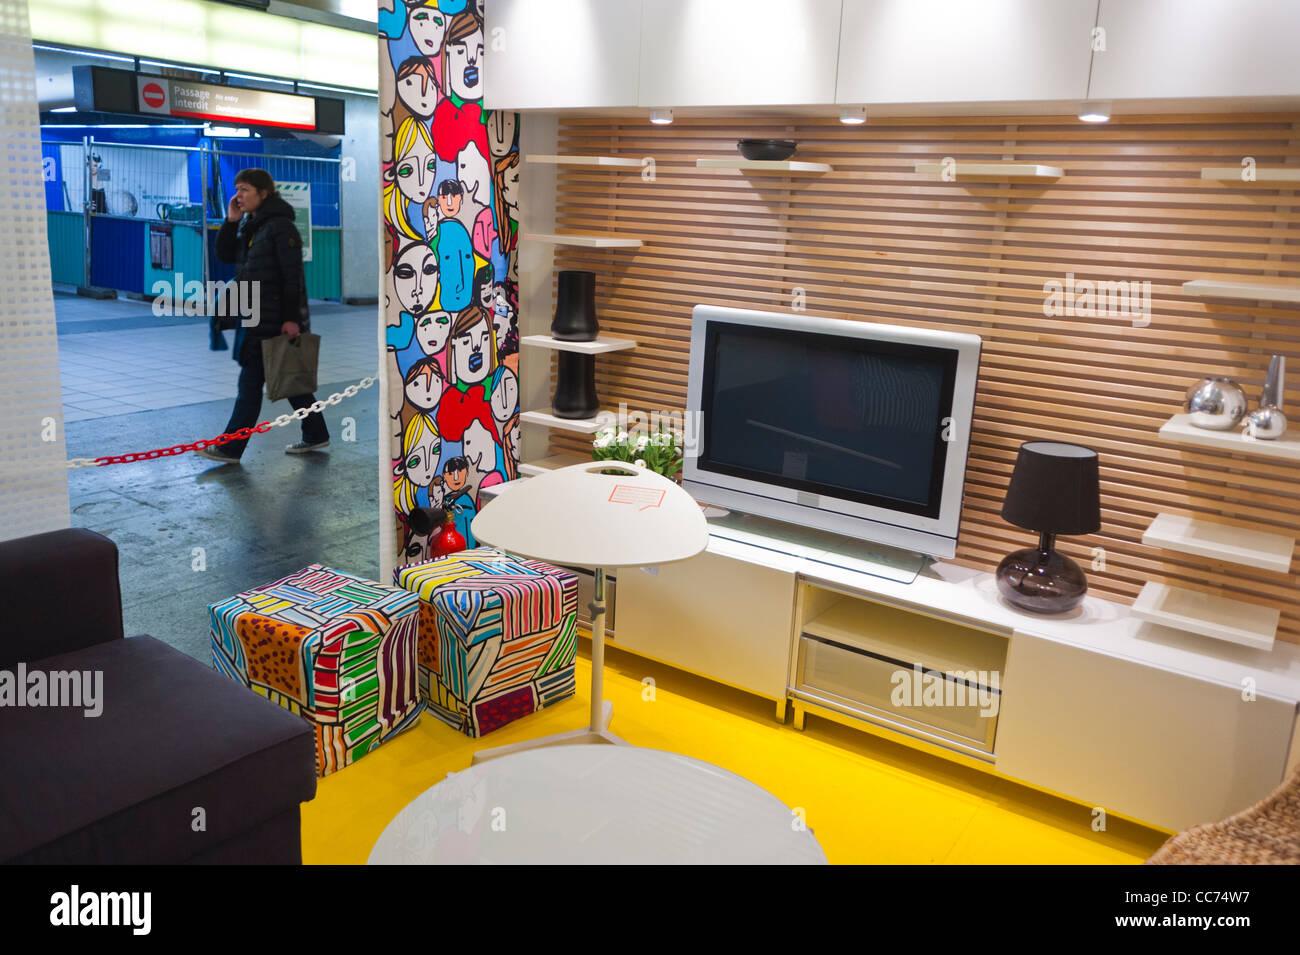 Paris Frankreich Ungewöhnliche Werbung Möbel Shopping Ikea